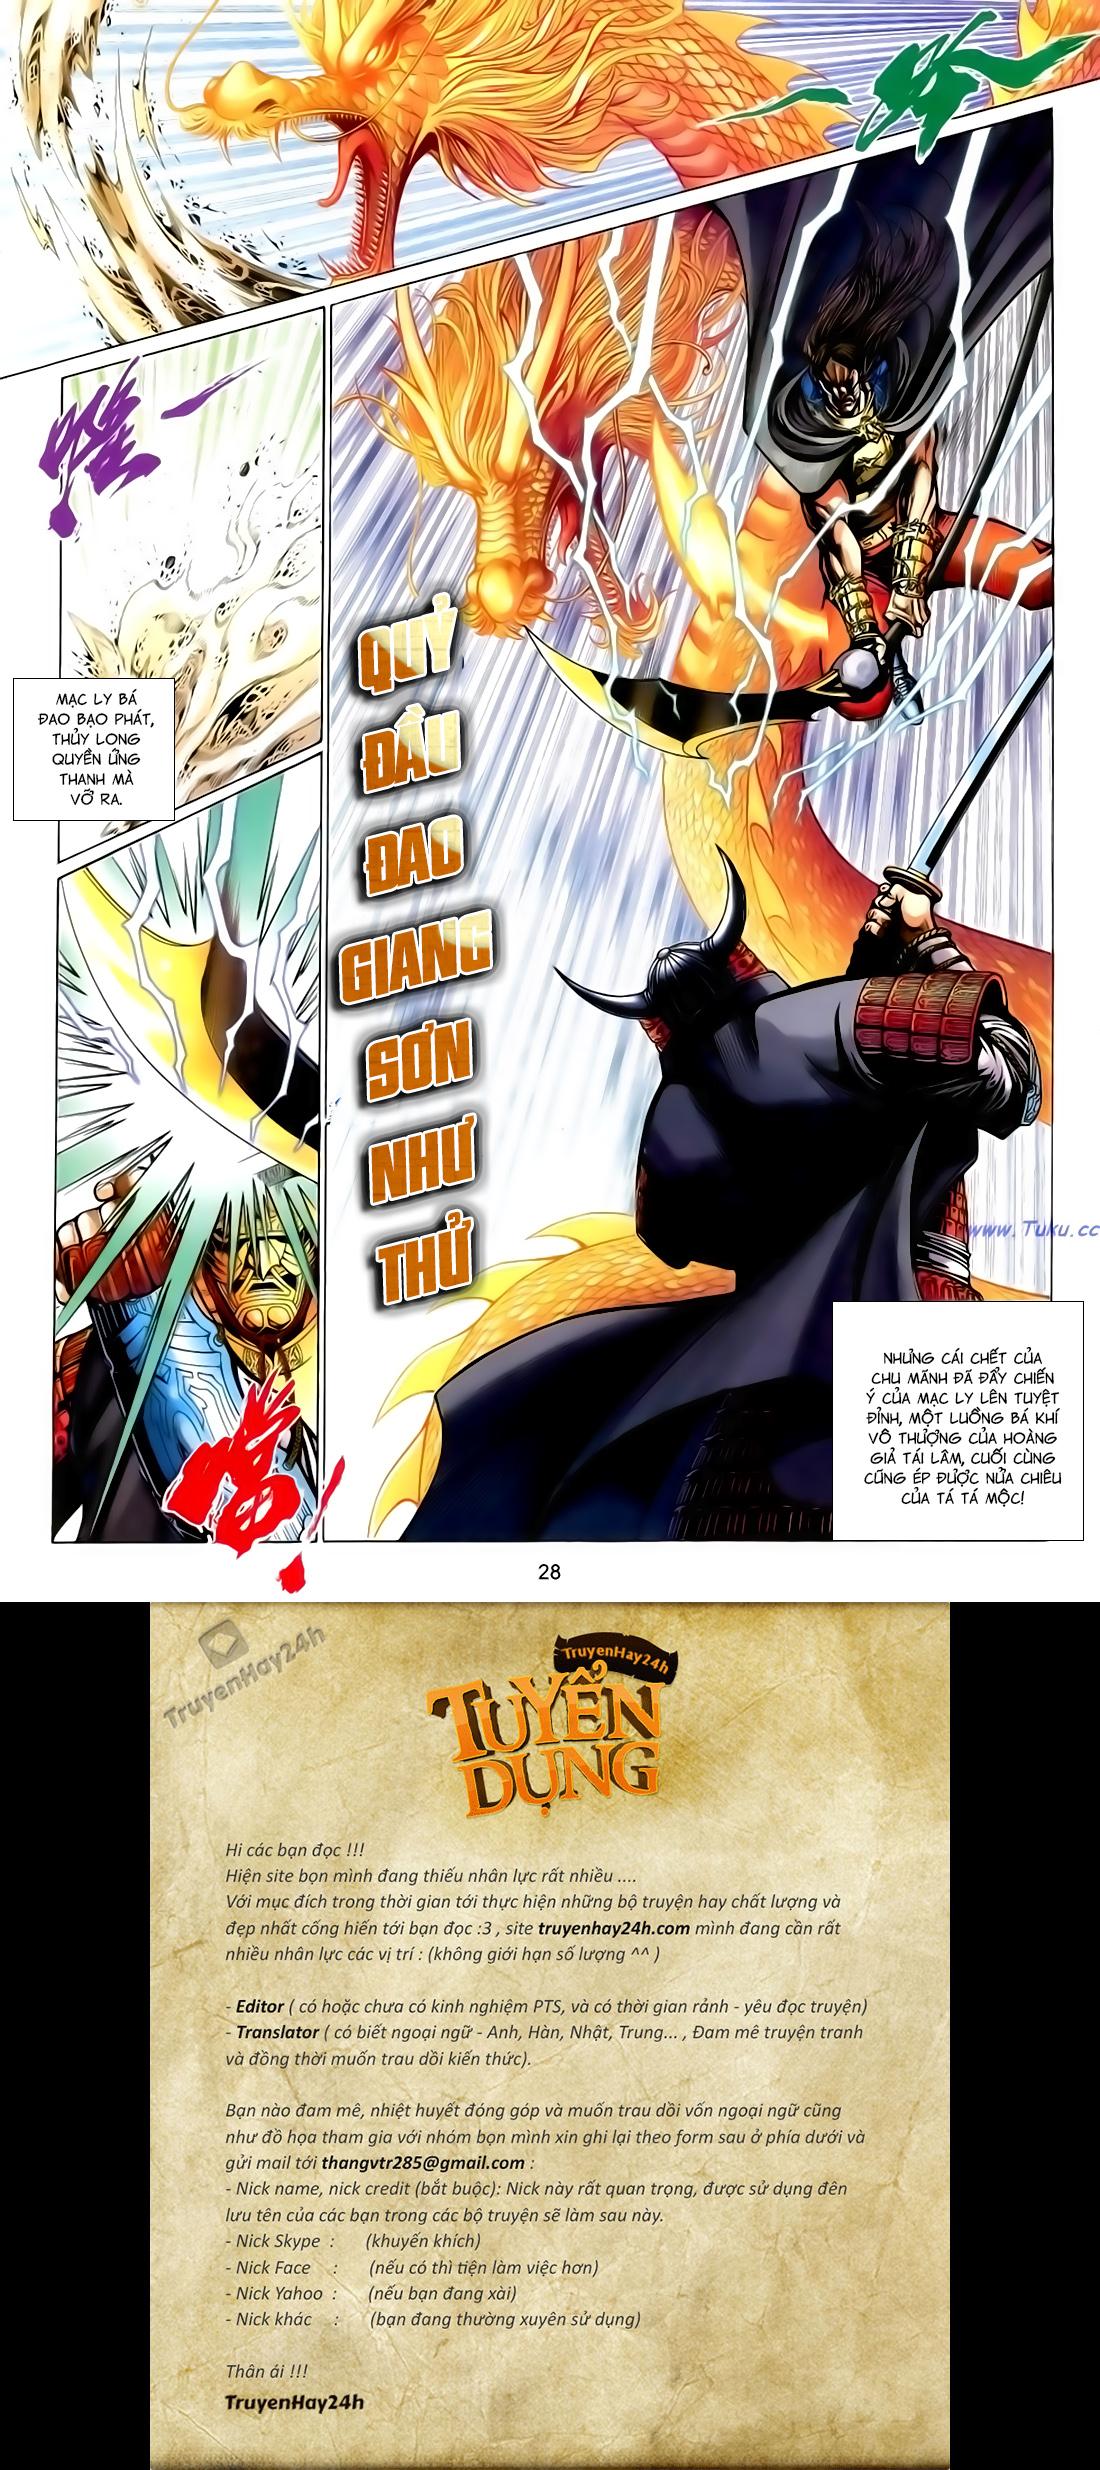 Anh Hùng Vô Lệ Chap 167 - Trang 28